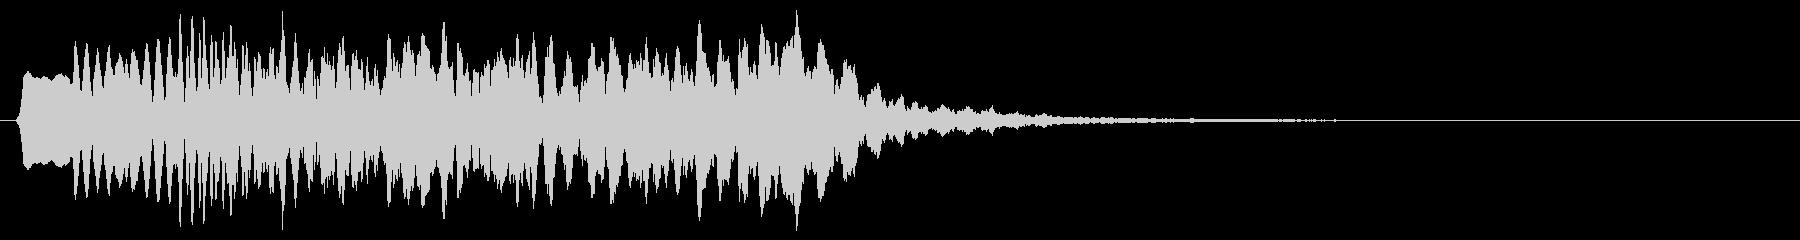 下降音 ヒューン トゥルルル 8bitの未再生の波形